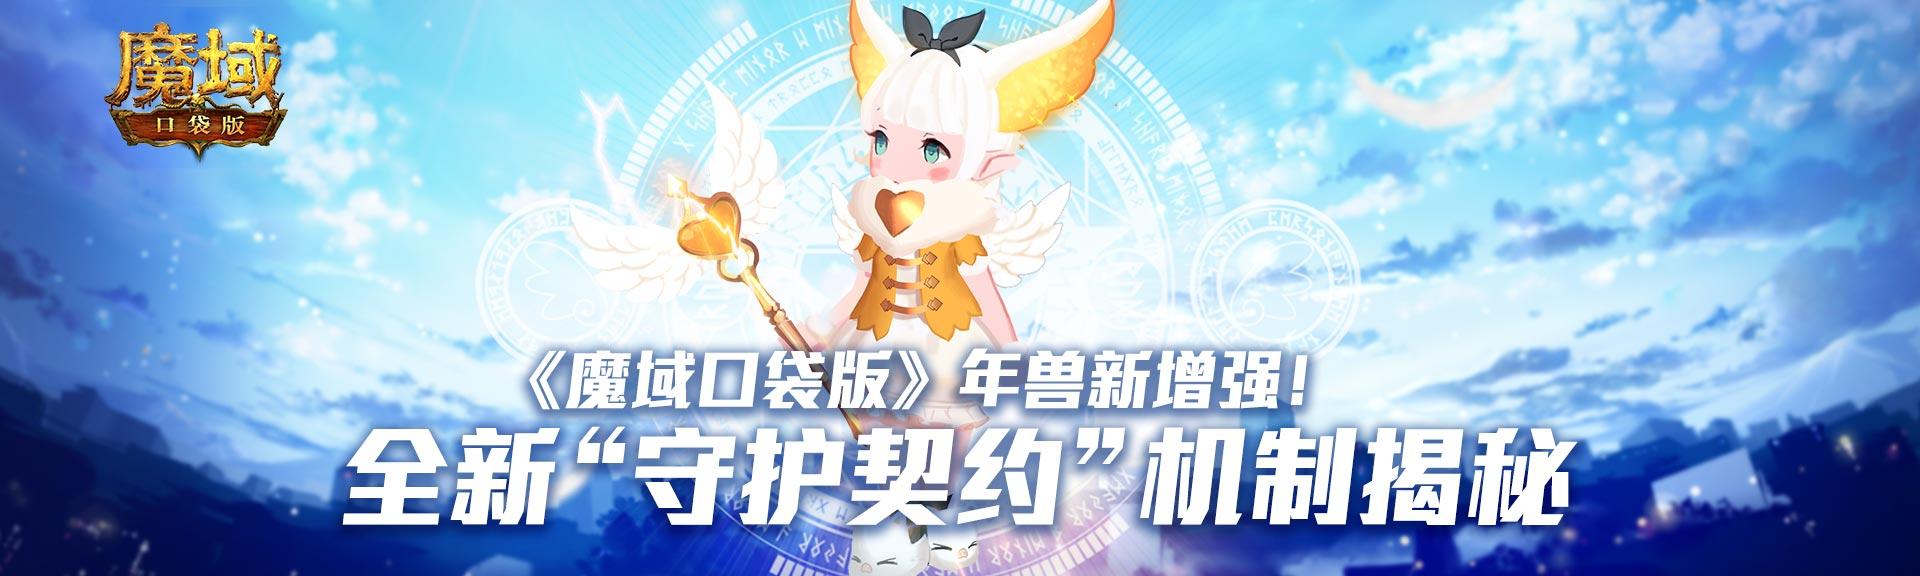 守护契约 实力升级!《魔域口袋版》年兽新机制解析